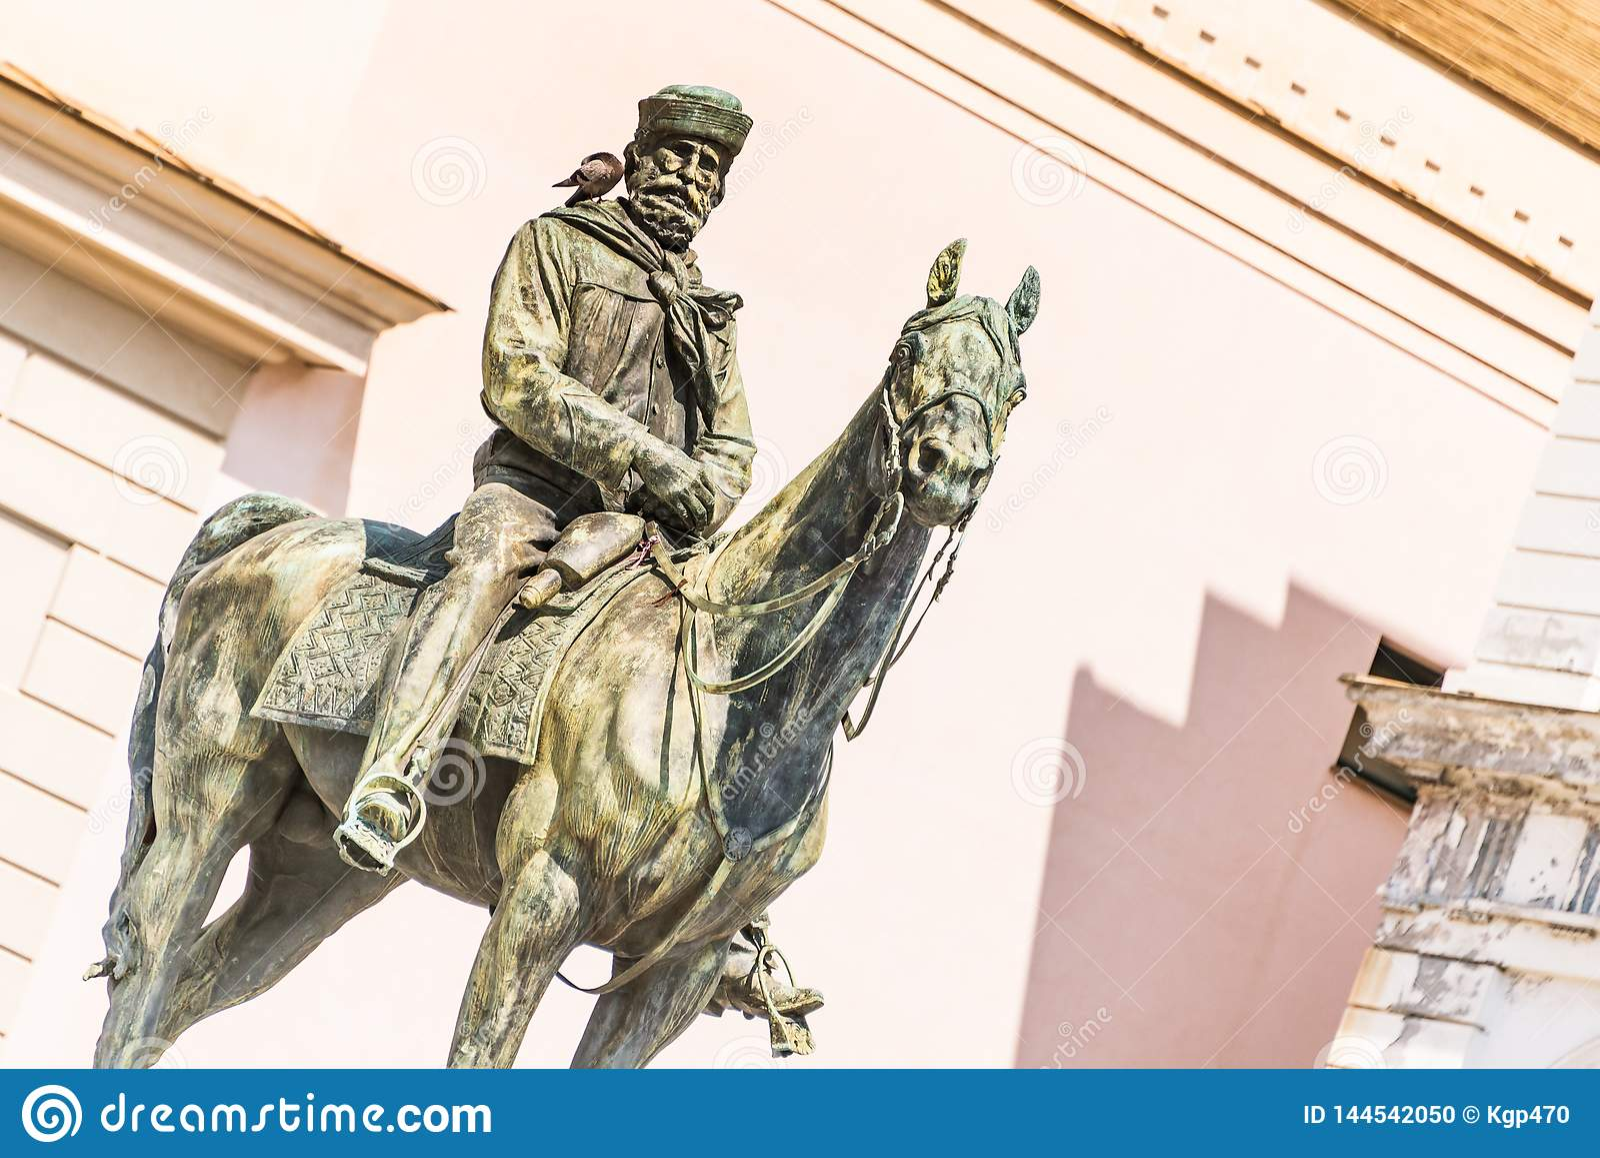 La statua di Giuseppe Garibaldi sul cavallo, Genoa Piazza de Ferrari, nel centro di Genova, la Liguria, Italia [t